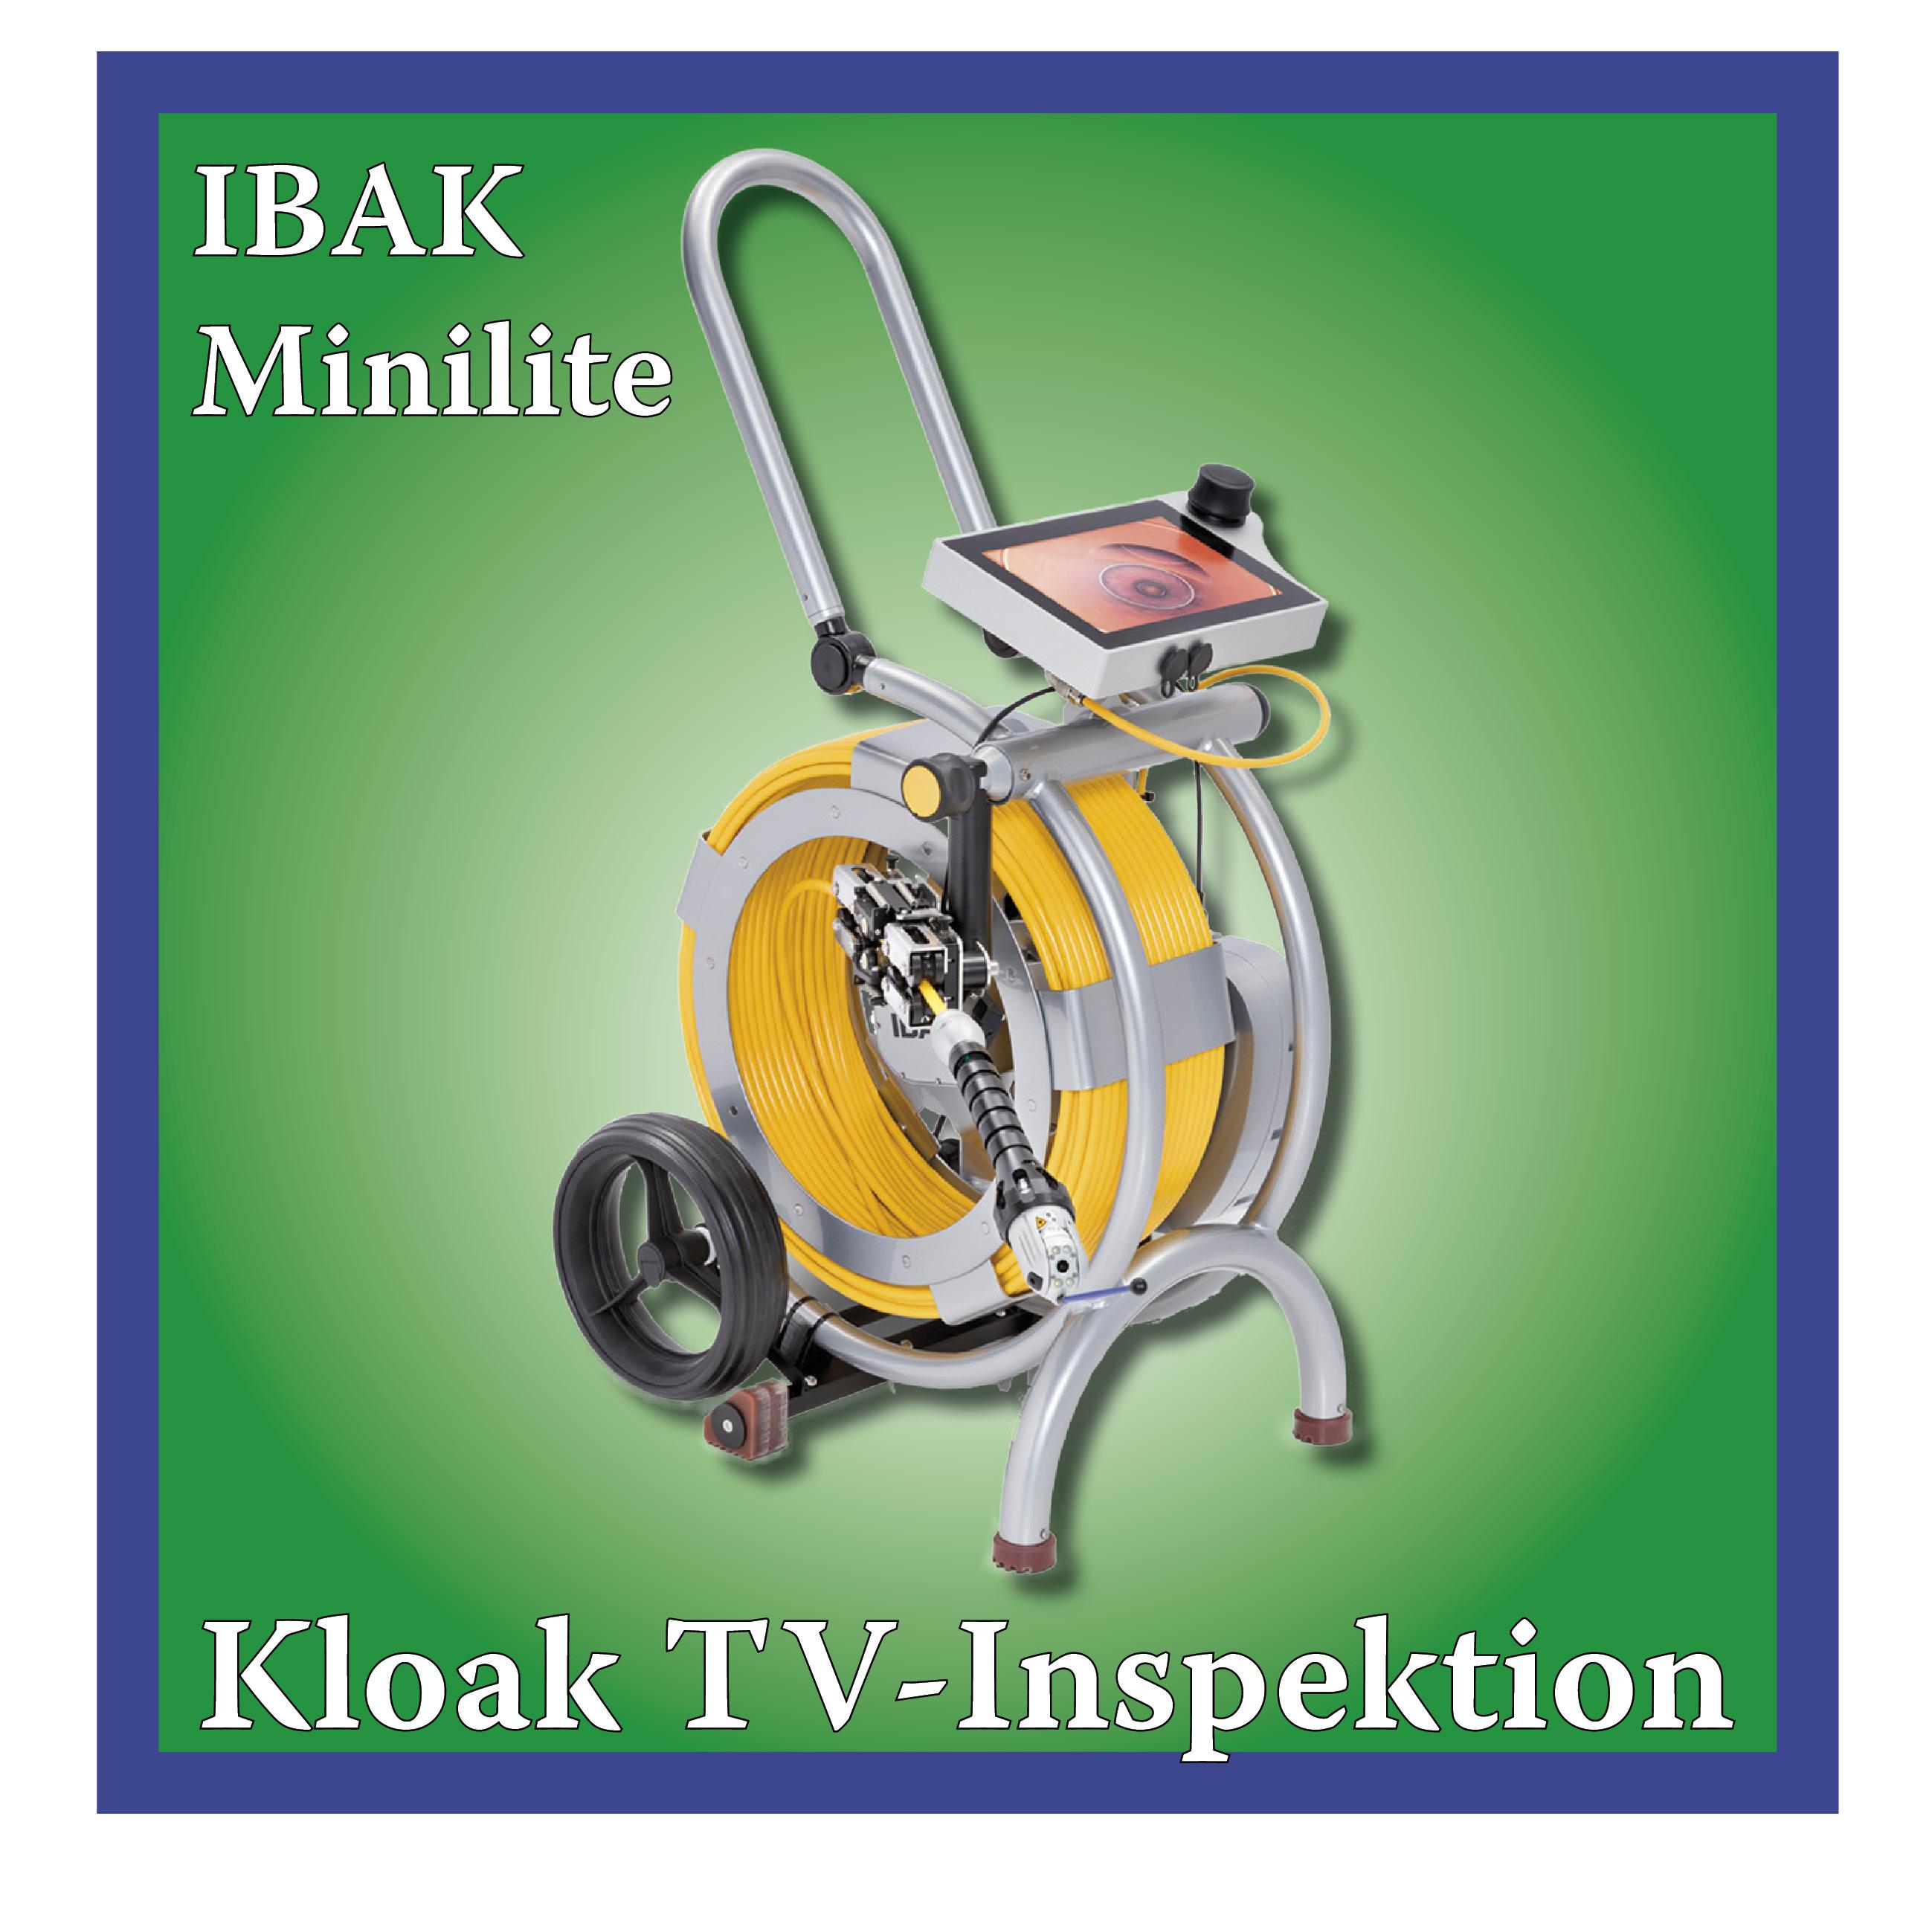 Billede af TV-udstyr til kloakinspektion